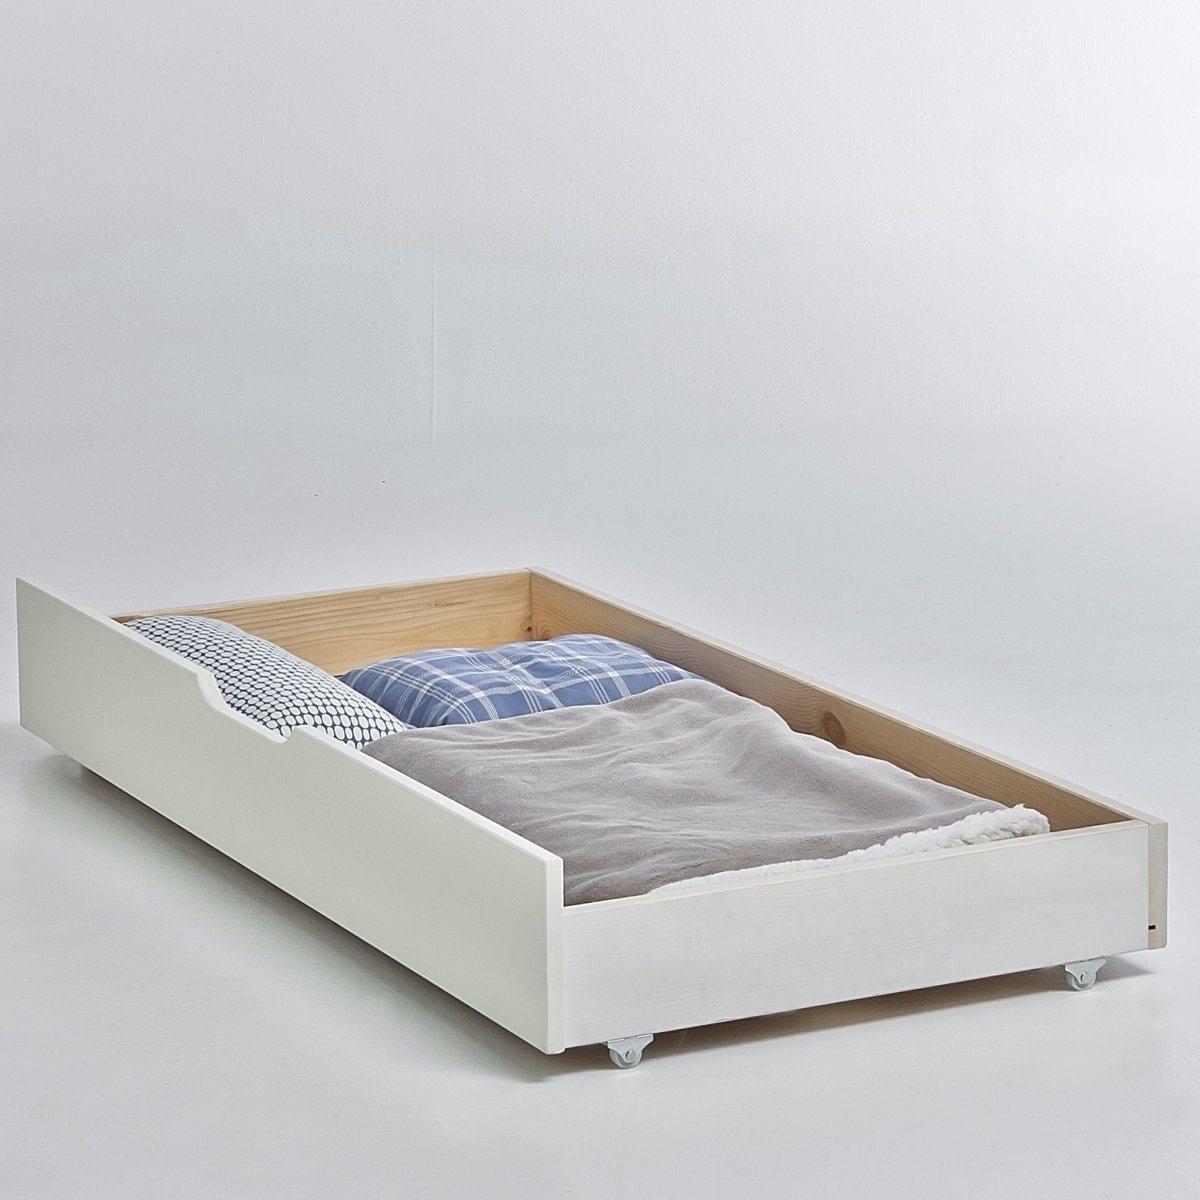 Ящик для хранения под кроватью, ToudouХарактеристики выдвижного ящика Toudou:Сосна, покрытие акриловой краской.Дно ящика из фибролитовой плиты.Раздвижная кровать Toudou также представлена на сайте laredoute.ruКачество:Наша продукция соответствует действующим нормам безопасности.Размеры выдвижного ящика Toudou:Общие:Длина: 130 см.Высота: 18 см.Глубина: 62 см.Размеры и вес коробки:1 коробкаД. 146 x В. 6 x Г. 32 см9 кг.Доставка:Данная модель требует самостоятельной сборки. Доставка осуществляется до квартиры по предварительной договоренности!Внимание! Убедитесь в том, что посылку возможно доставить на дом, учитывая ее габариты.С 1 мая 2013 года мы участвуем в эко-программе по утилизации старой мебели.Все собранные в итоге средства будут направлены организациям, занимающимся скупкой, переработкой и дальнейшим использованием старой мебели.<br><br>Цвет: белый,светлое дерево,серый